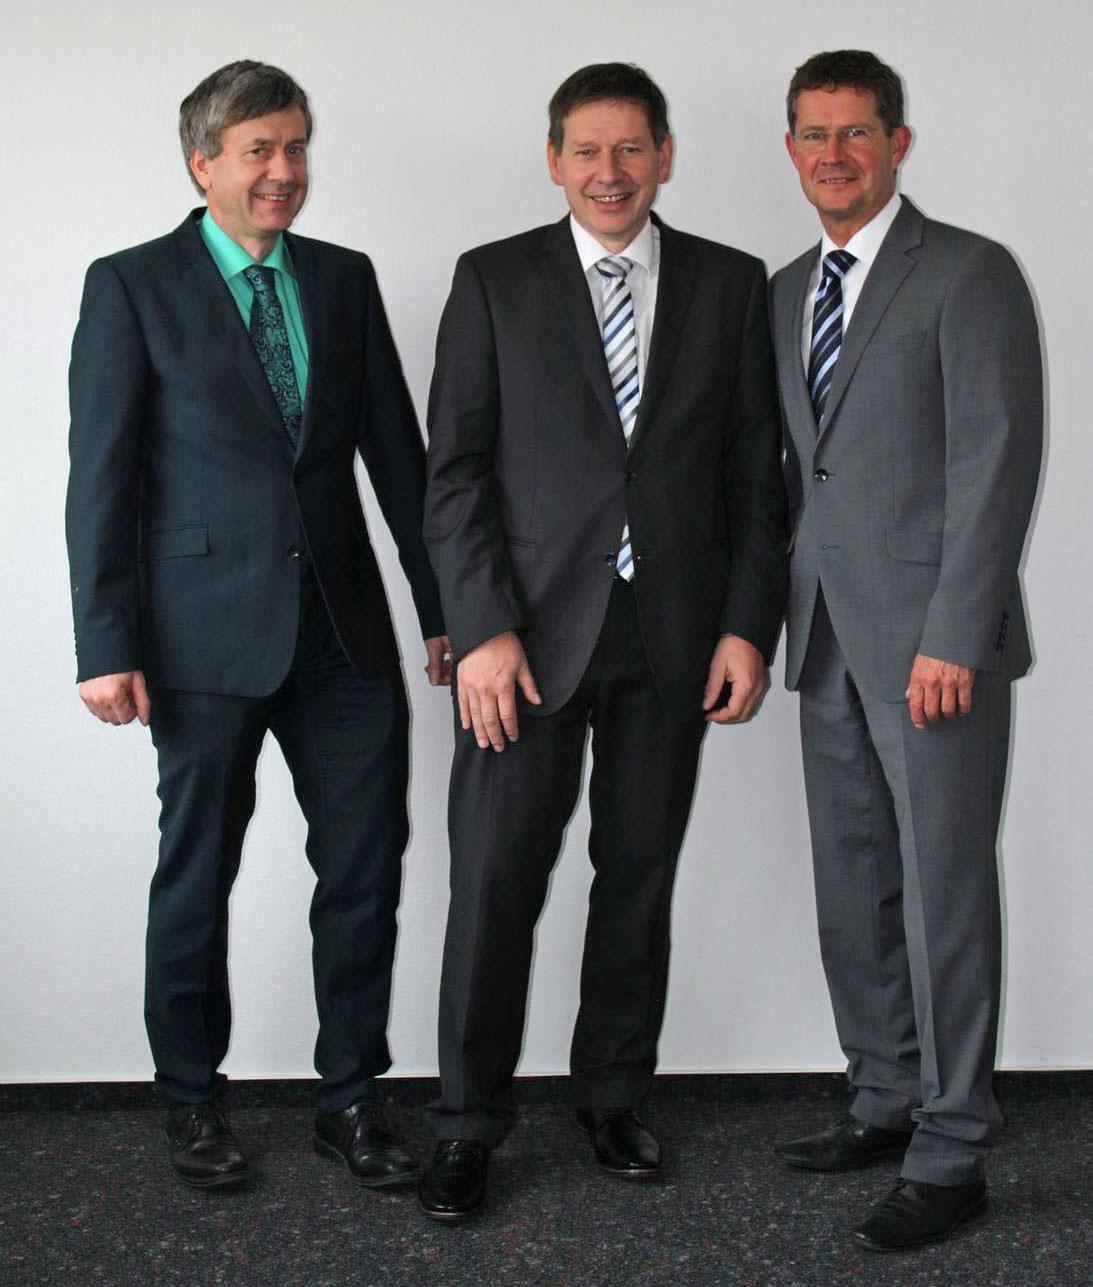 Neues Vertriebsunternehmen in Wolpertshausen: Absatz soll forciert werden